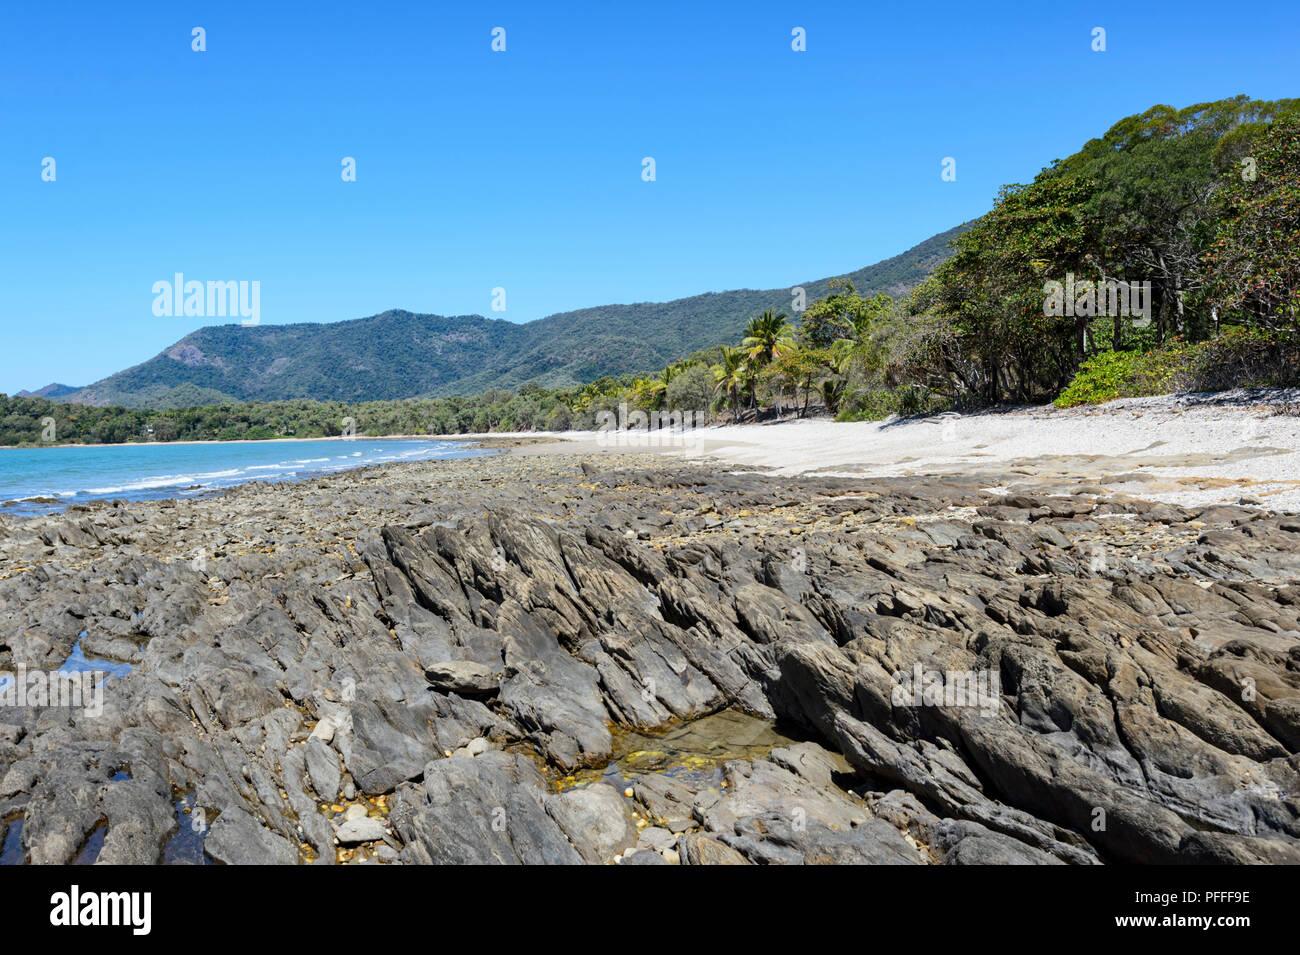 Costa pintoresca con colinas, una playa y palmeras cerca de Port Douglas, Far North Queensland, FNQ, Queensland, Australia Imagen De Stock